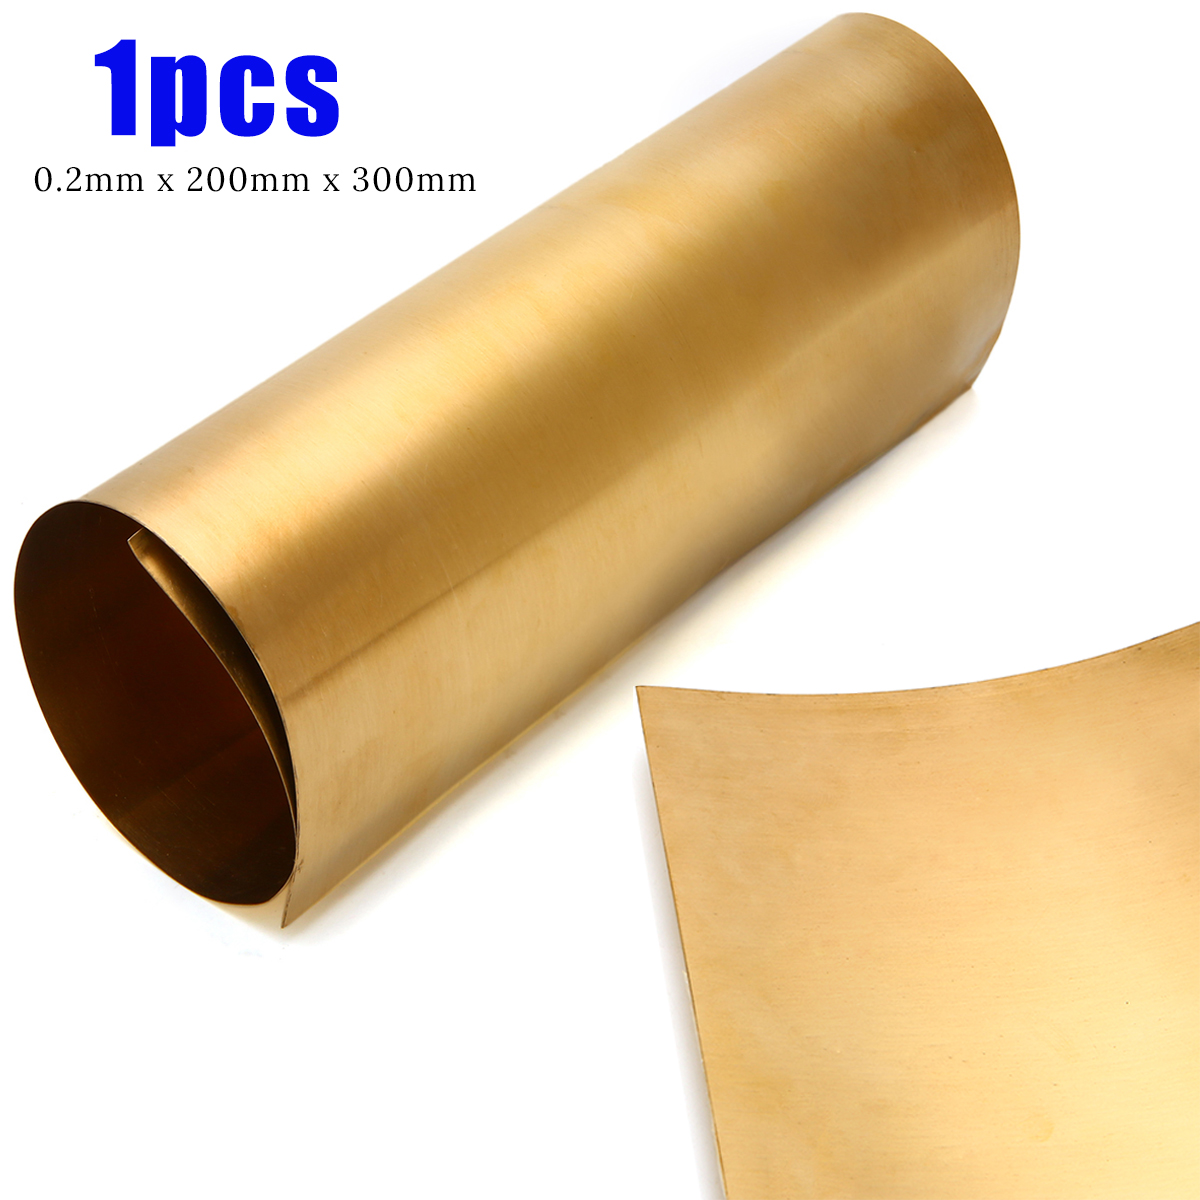 LOKIH Brass Sheet Percision Metals Raw Materials,3x100x150mm